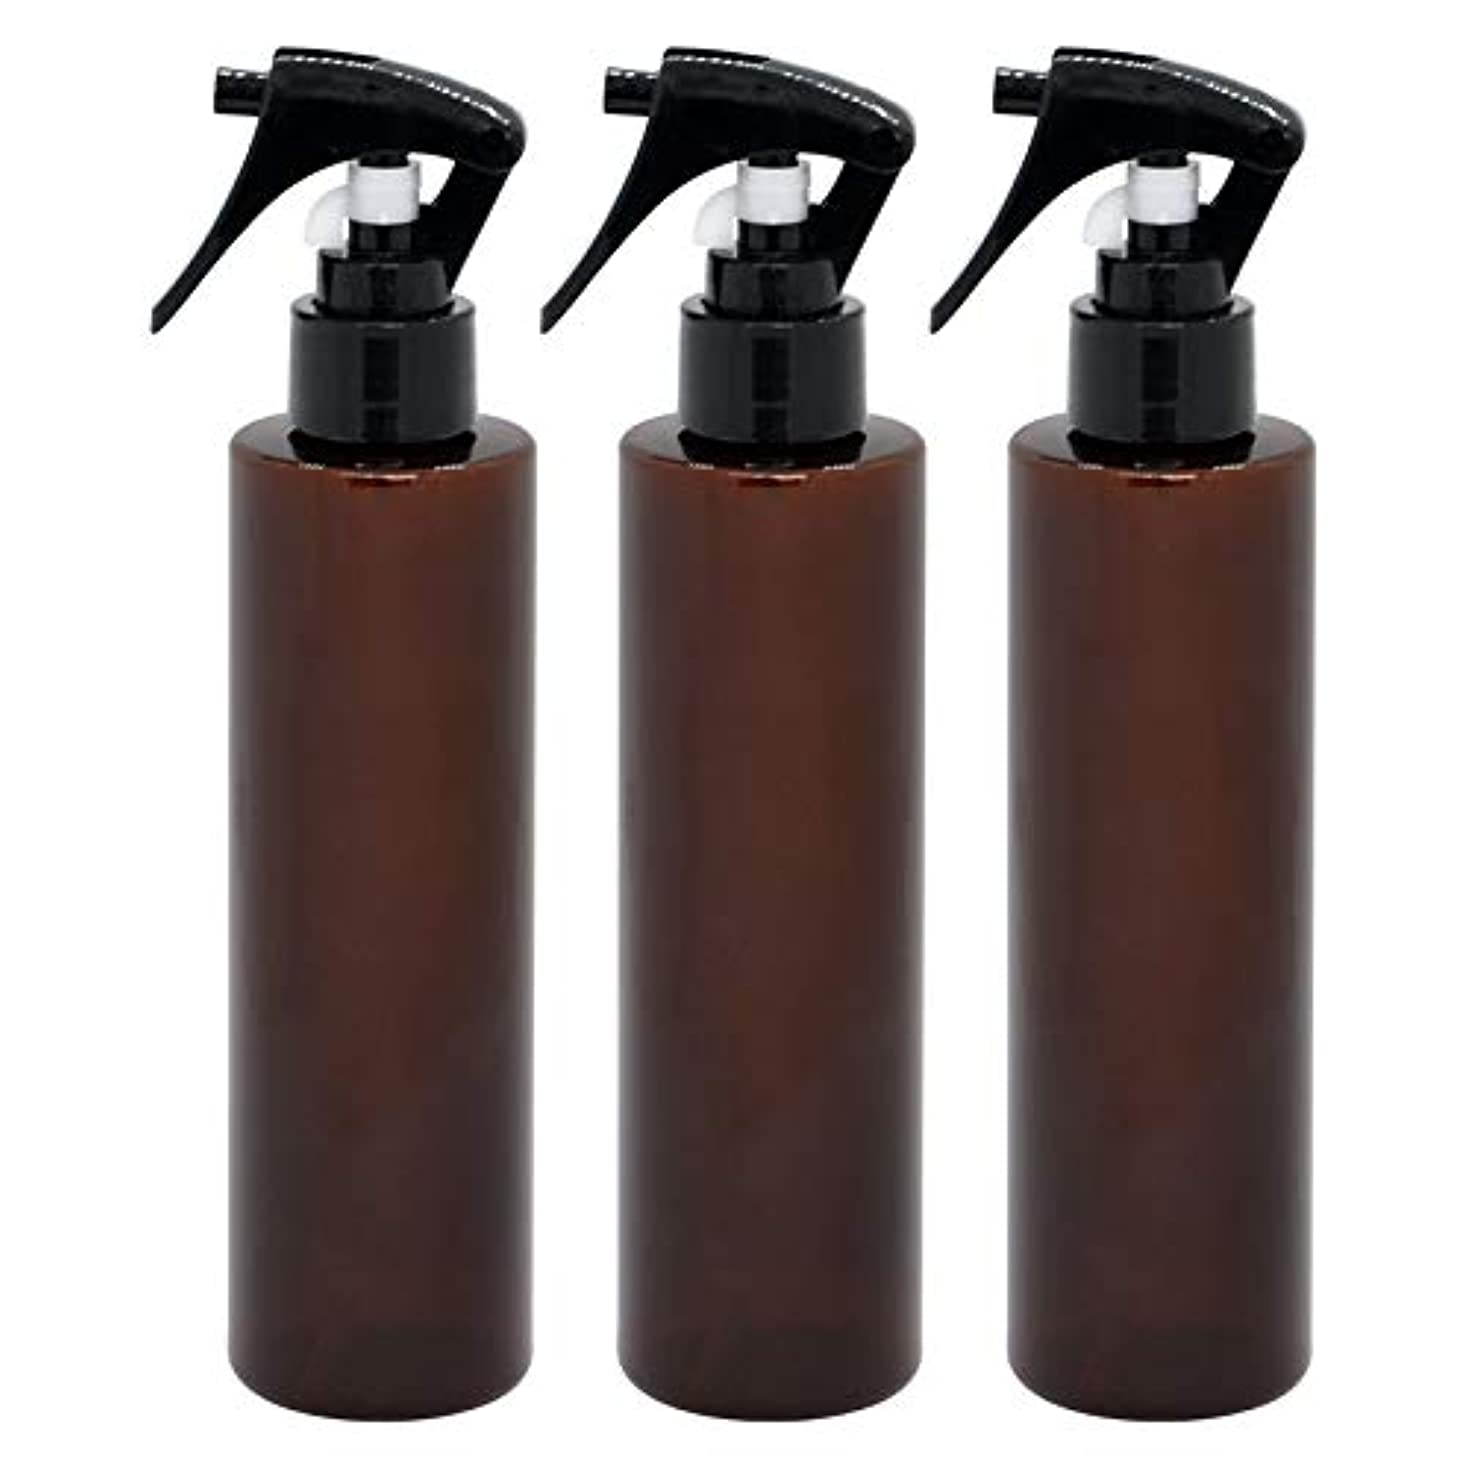 ネクタイコーチ大きい日本製 茶色スプレーボトル 200ml 3本セット ペットボトル 極細ミスト 遮光性の高いクリアブラウン